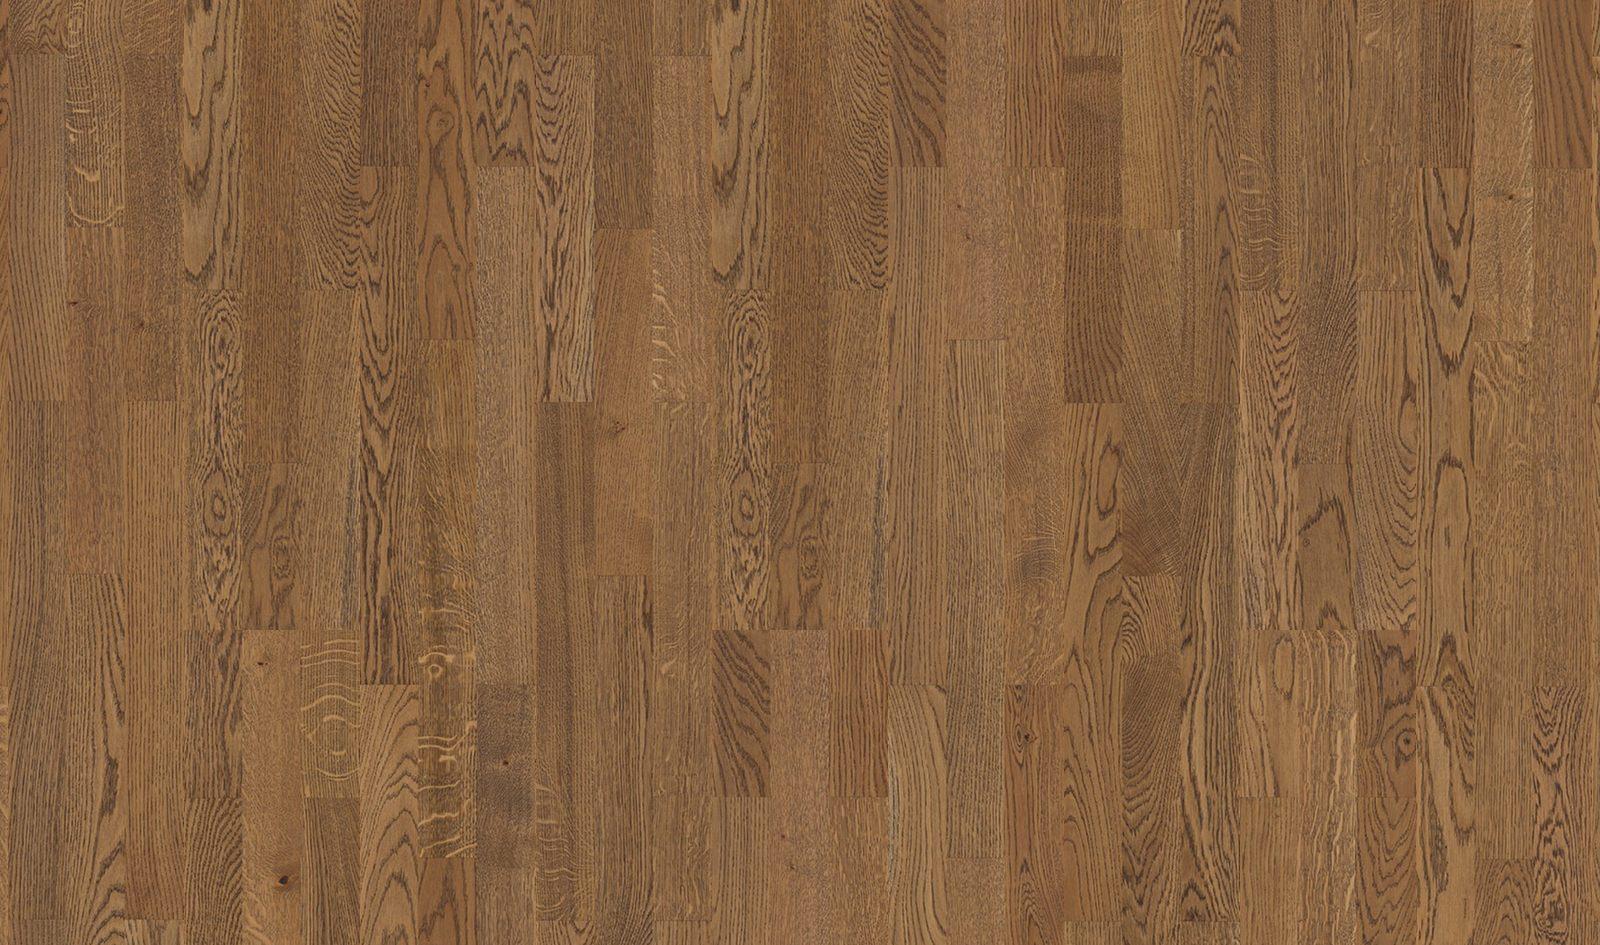 Boen Hardwood Flooring Oak Alamo